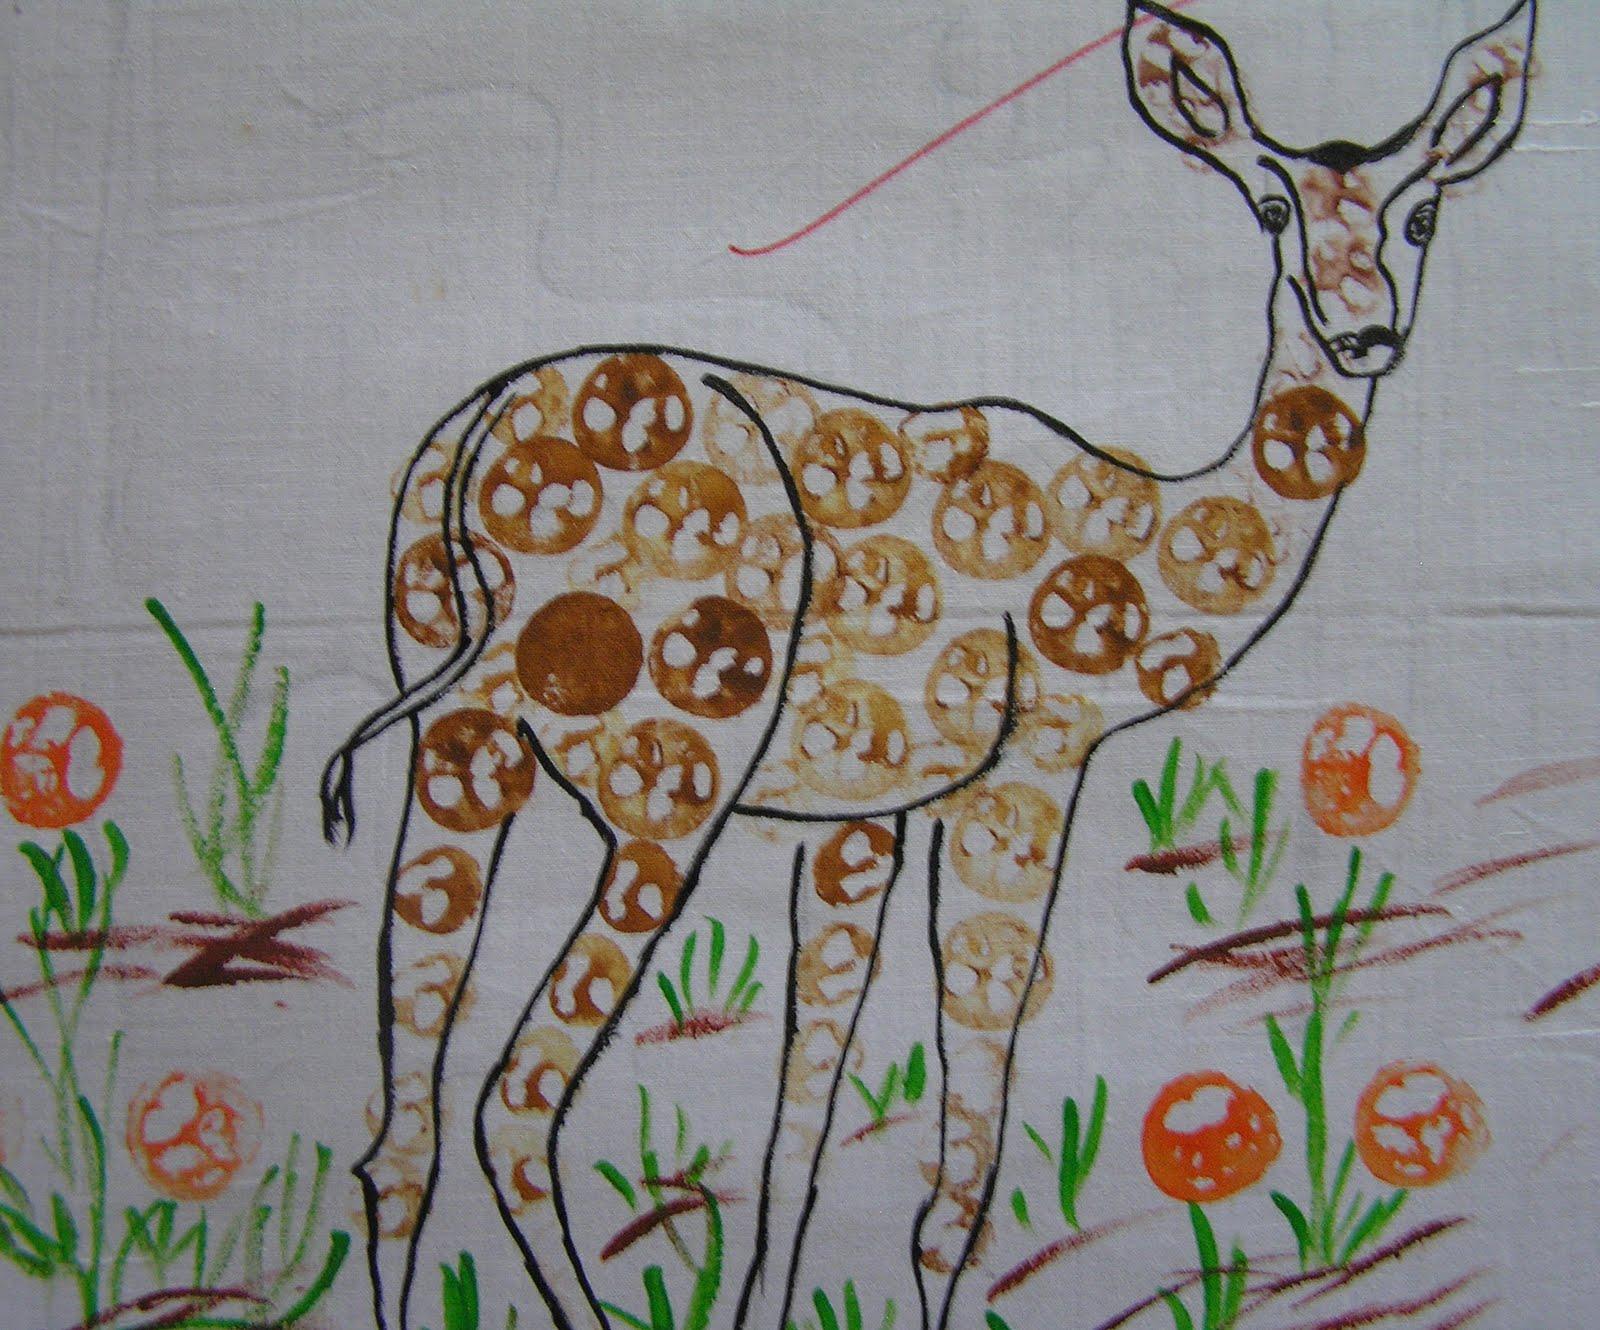 cotton sofa bed sheets comprar fundas de sofas baratas portfolio: fabric painting